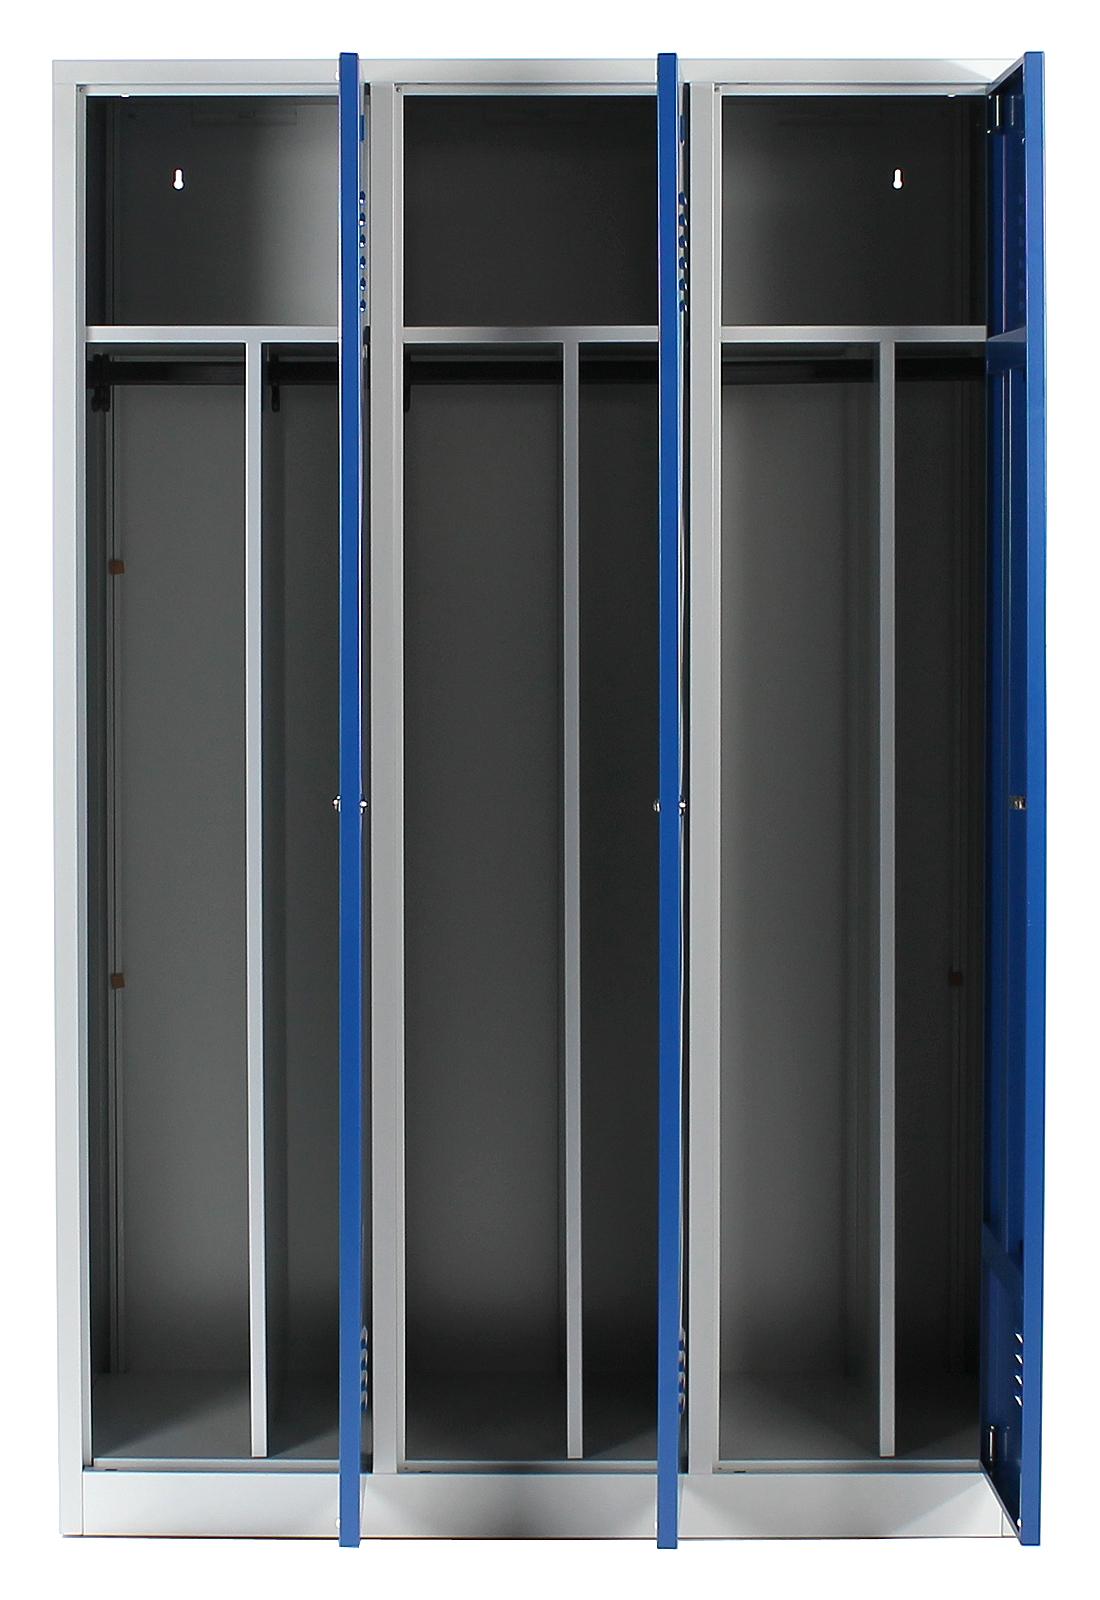 spind spint stahlspind 3 abteile f che 40 cm trennwand reine unreine seite blau ebay. Black Bedroom Furniture Sets. Home Design Ideas